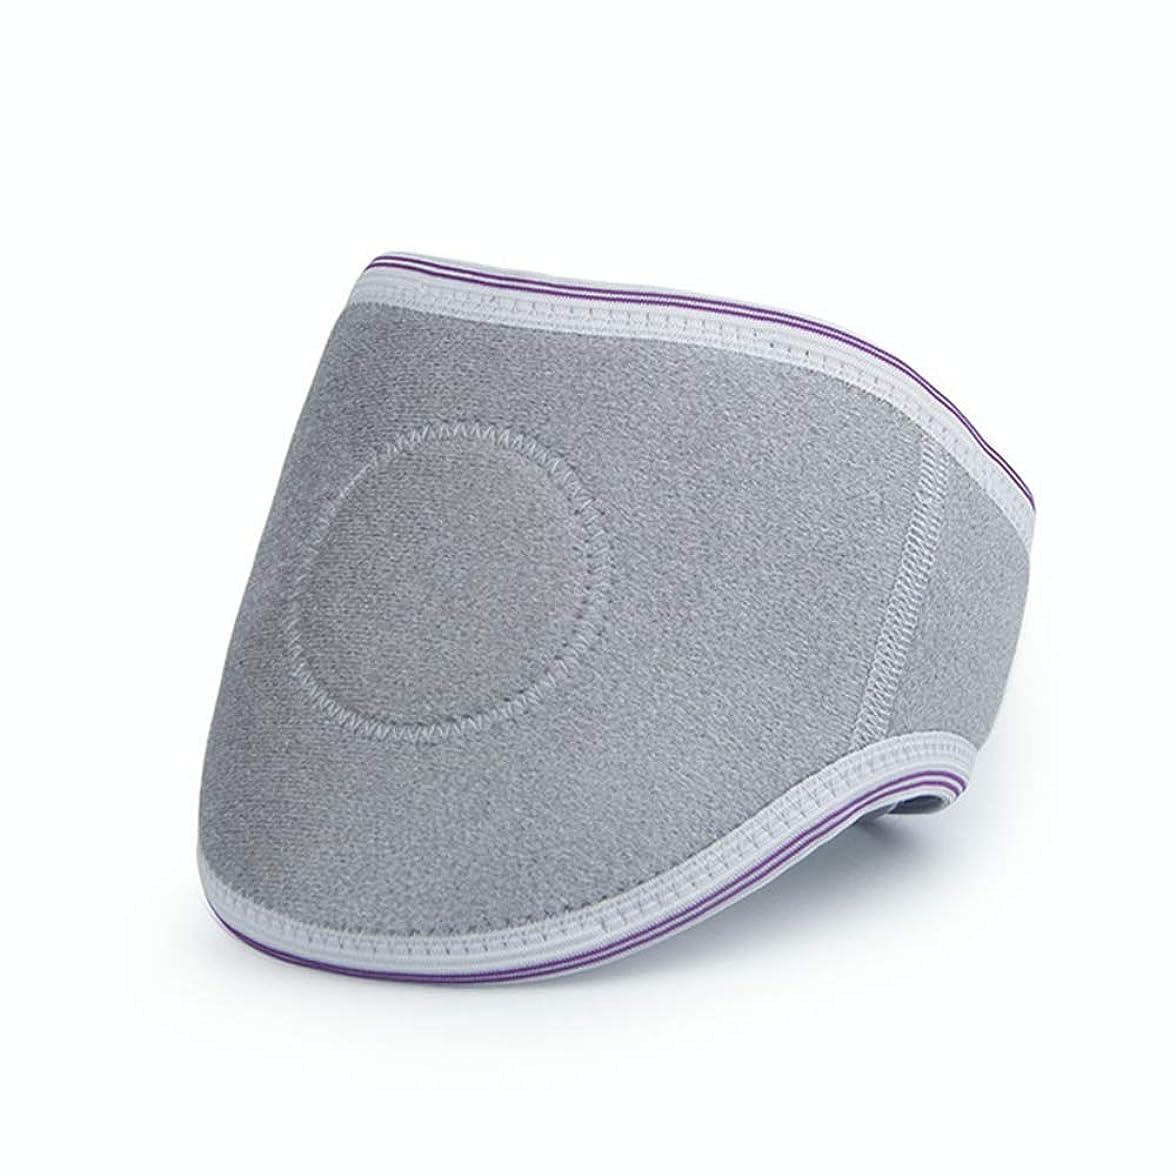 魅力証明書王朝自己加熱暖かいホット圧縮ネックパッドの磁気療法中年の男性と女性の首の保護